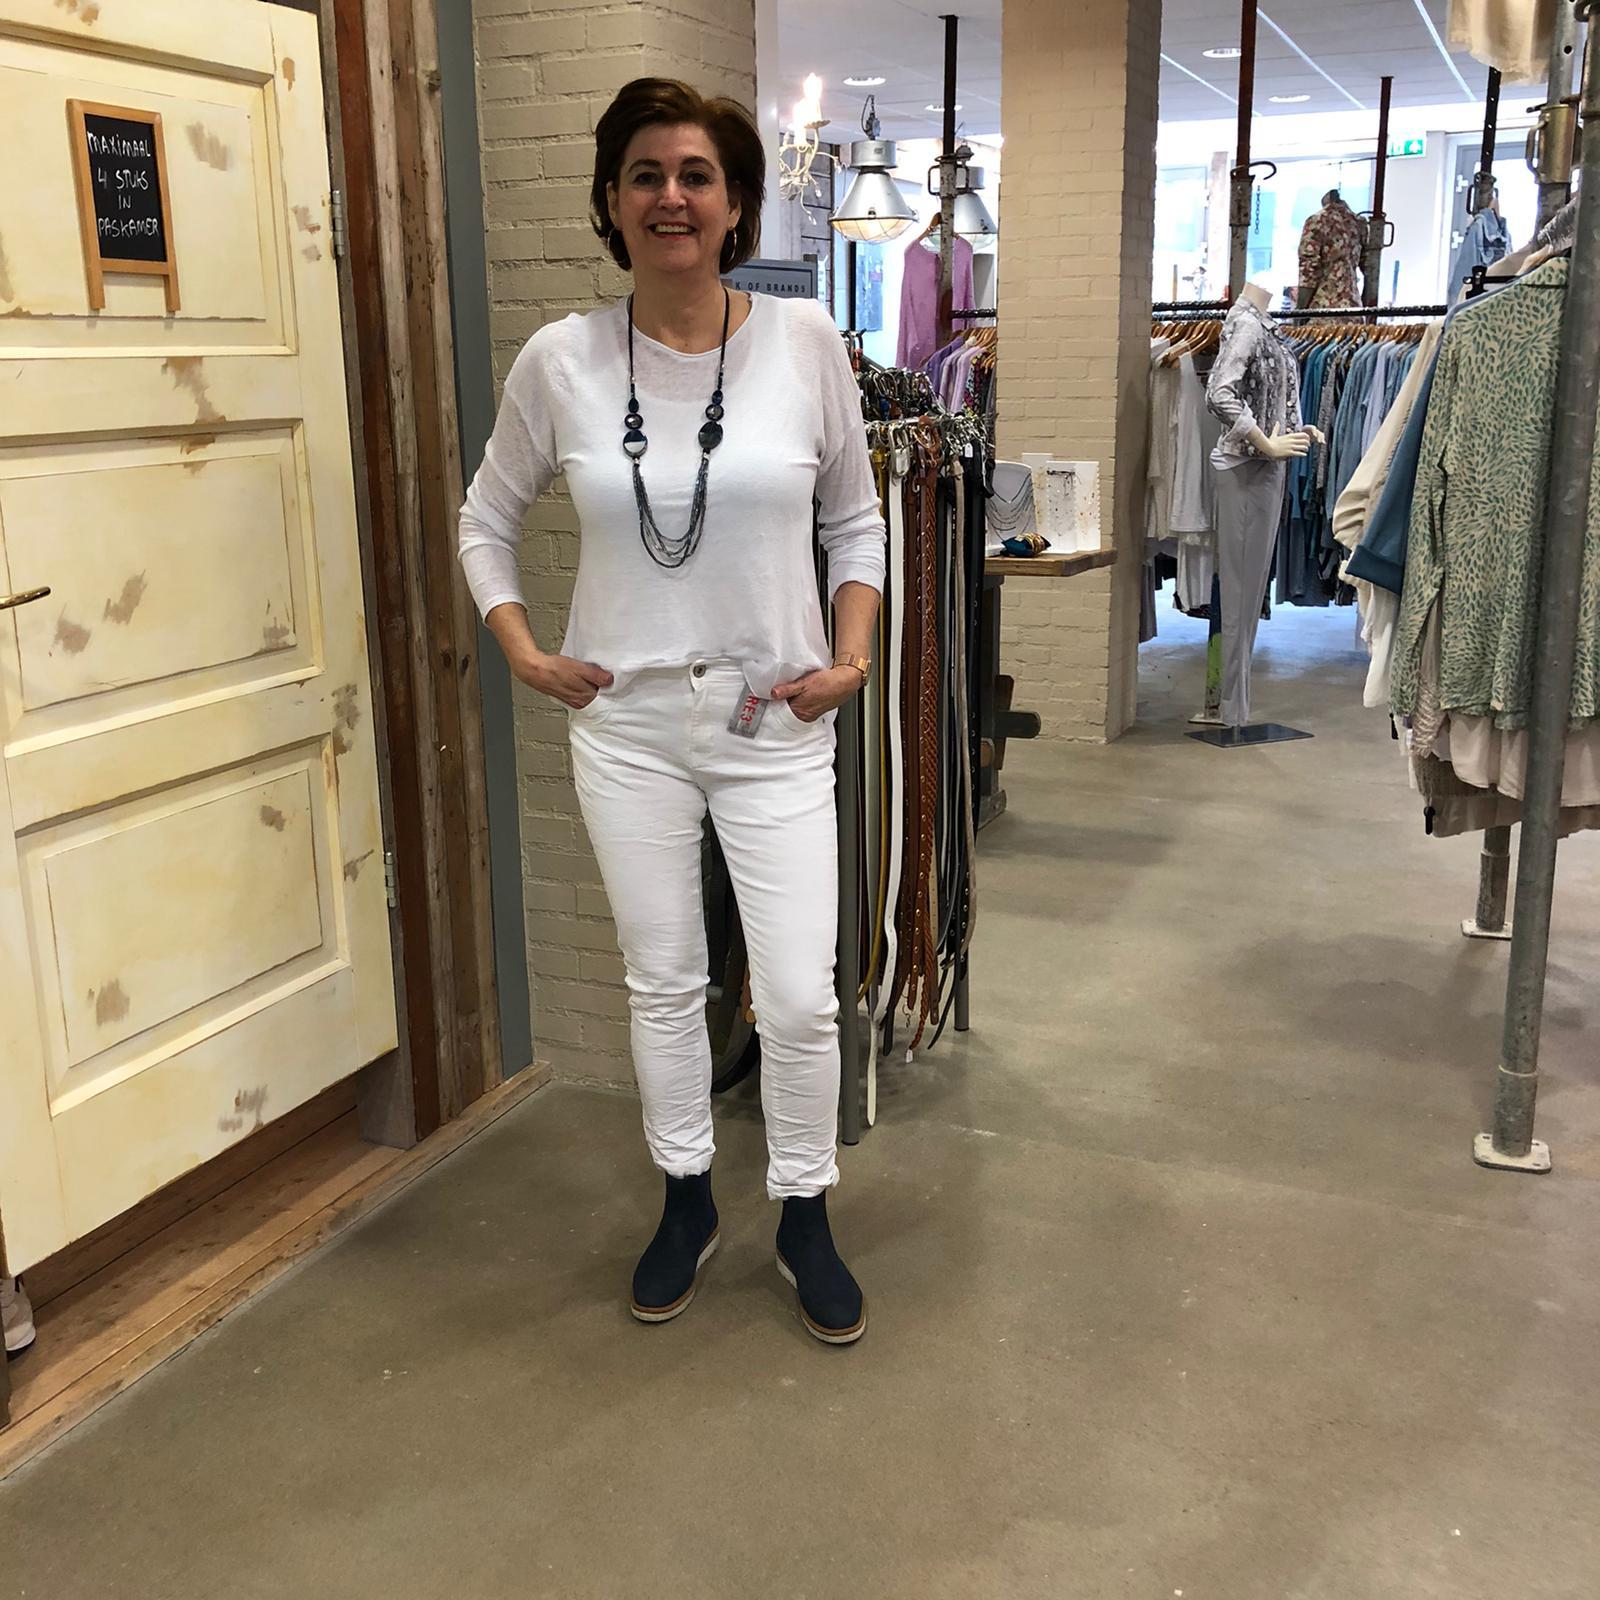 Store3 Linnen Shirt Colette Met Voile & Knoopjes Wit Store3 Mode & Accessoires